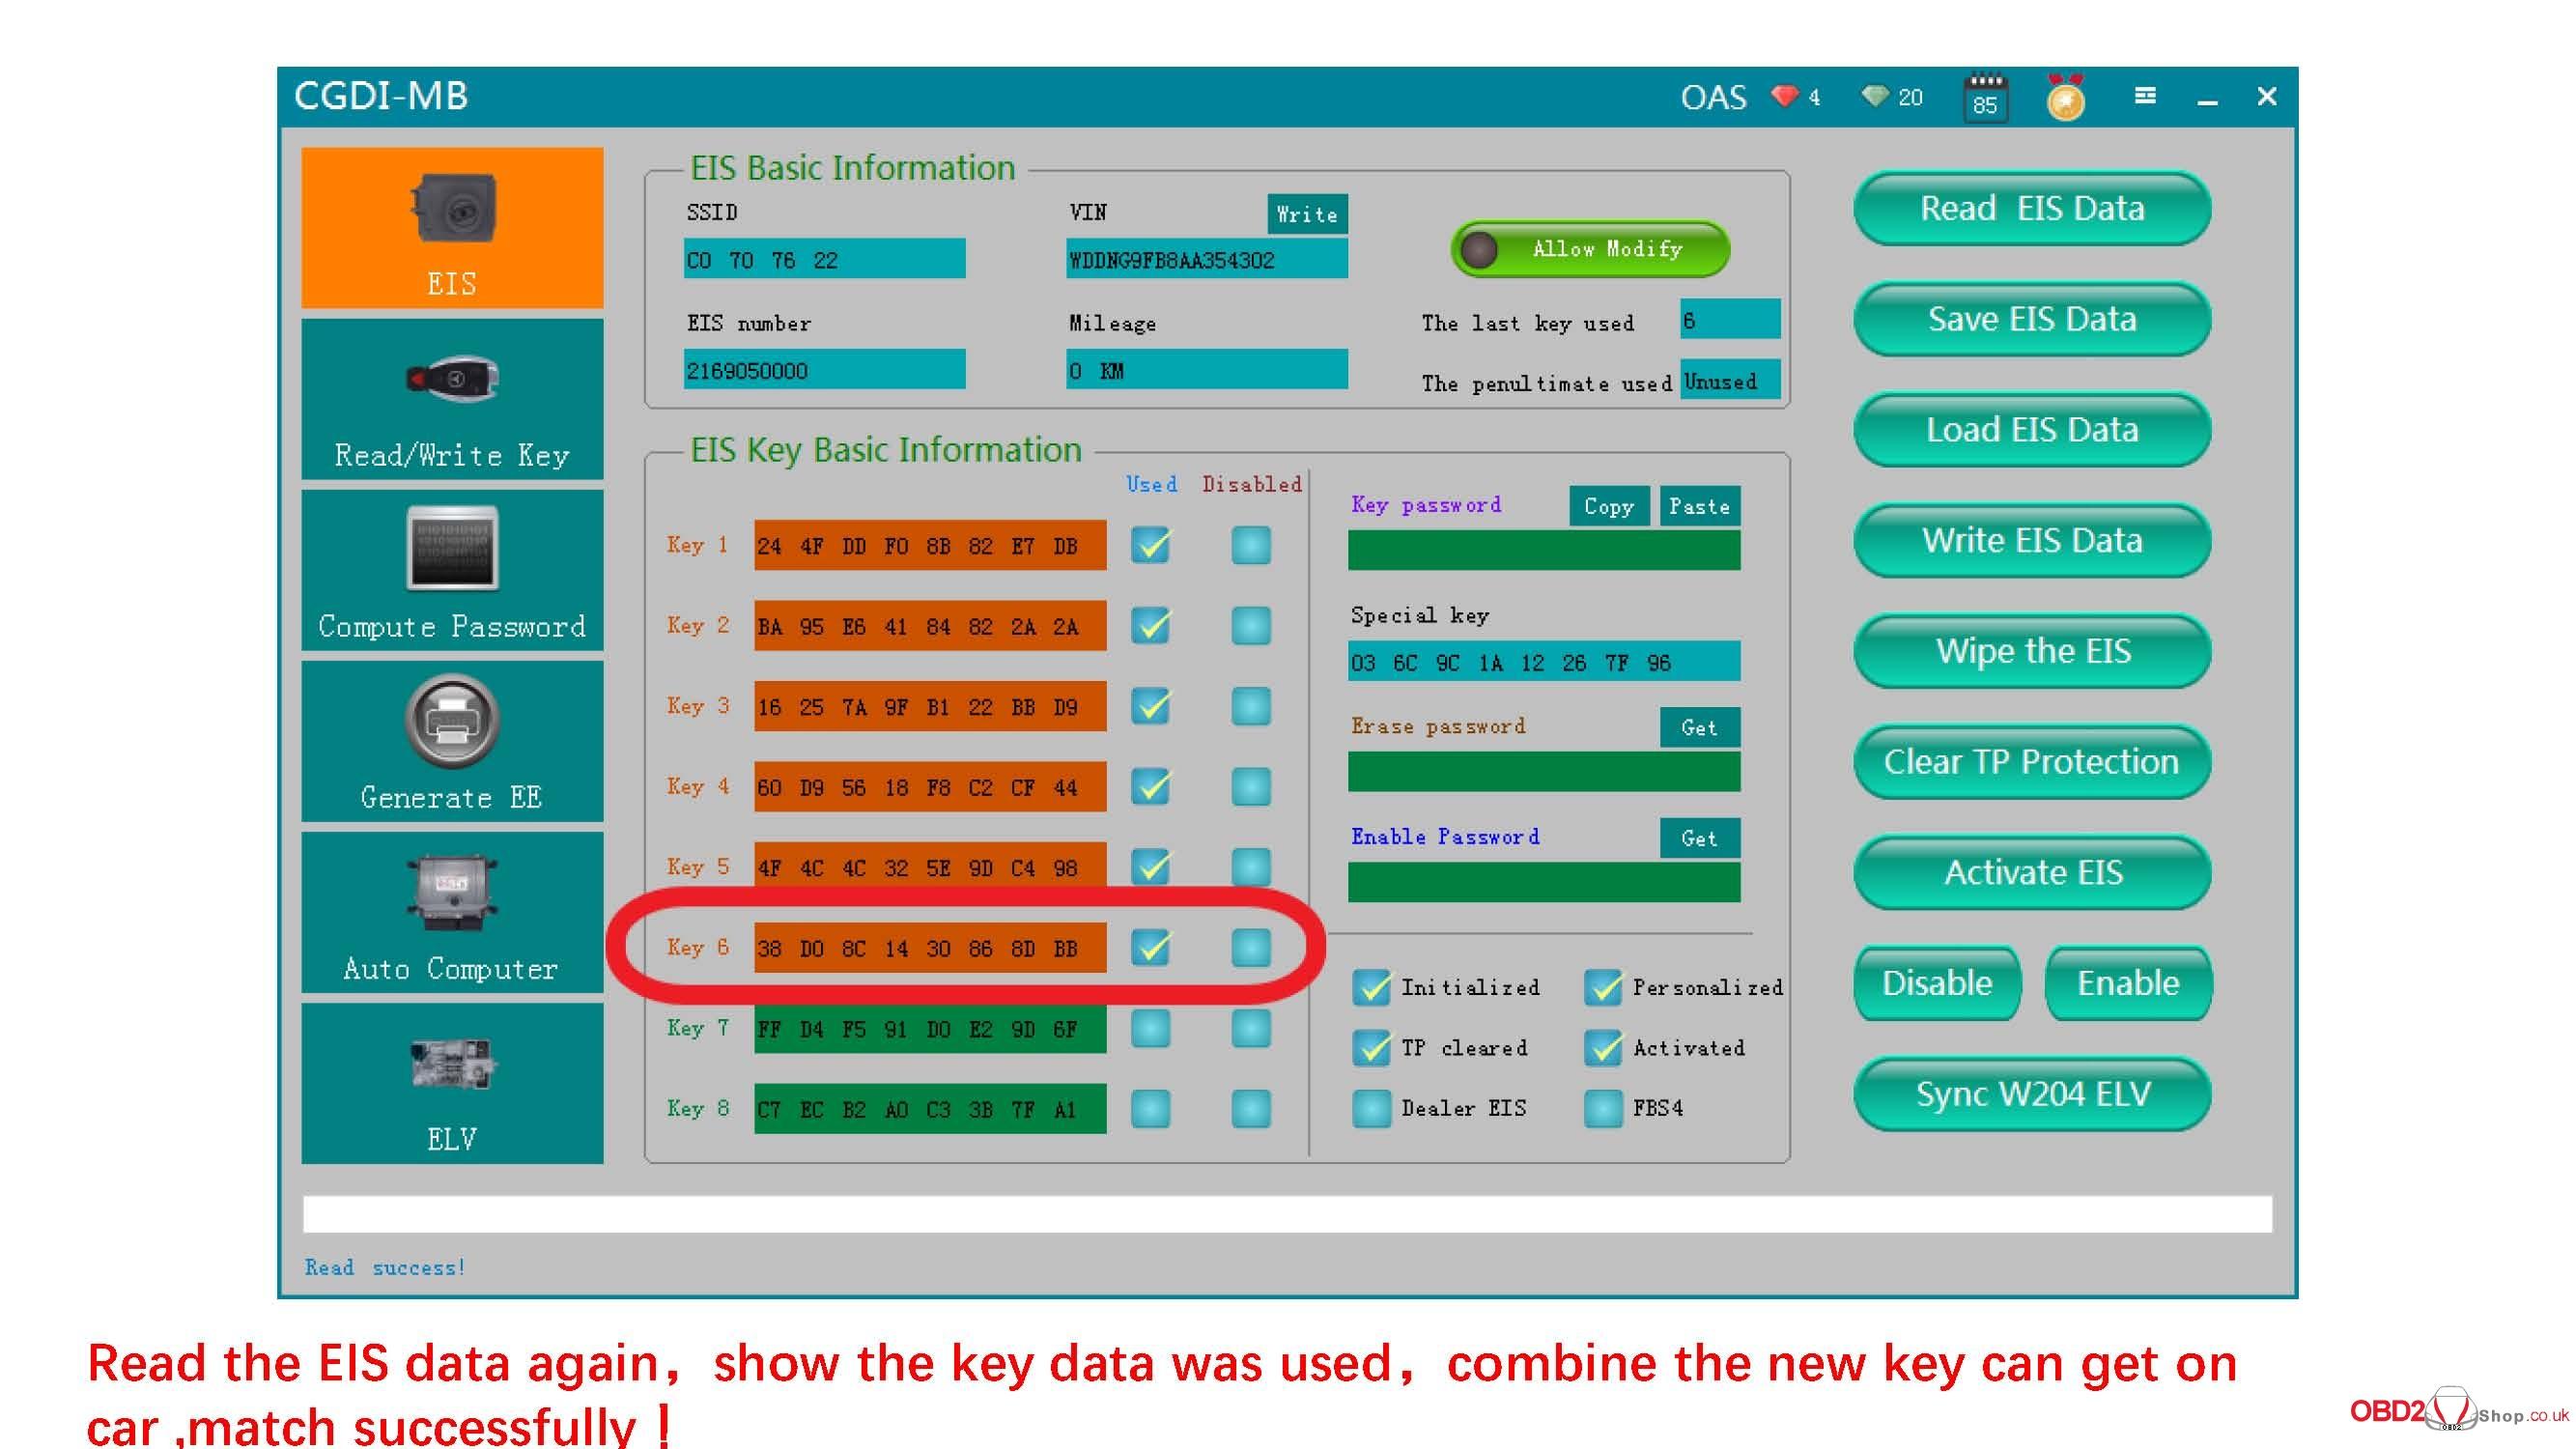 cgdi-mb-program-w216-when-all-keys-lost-30